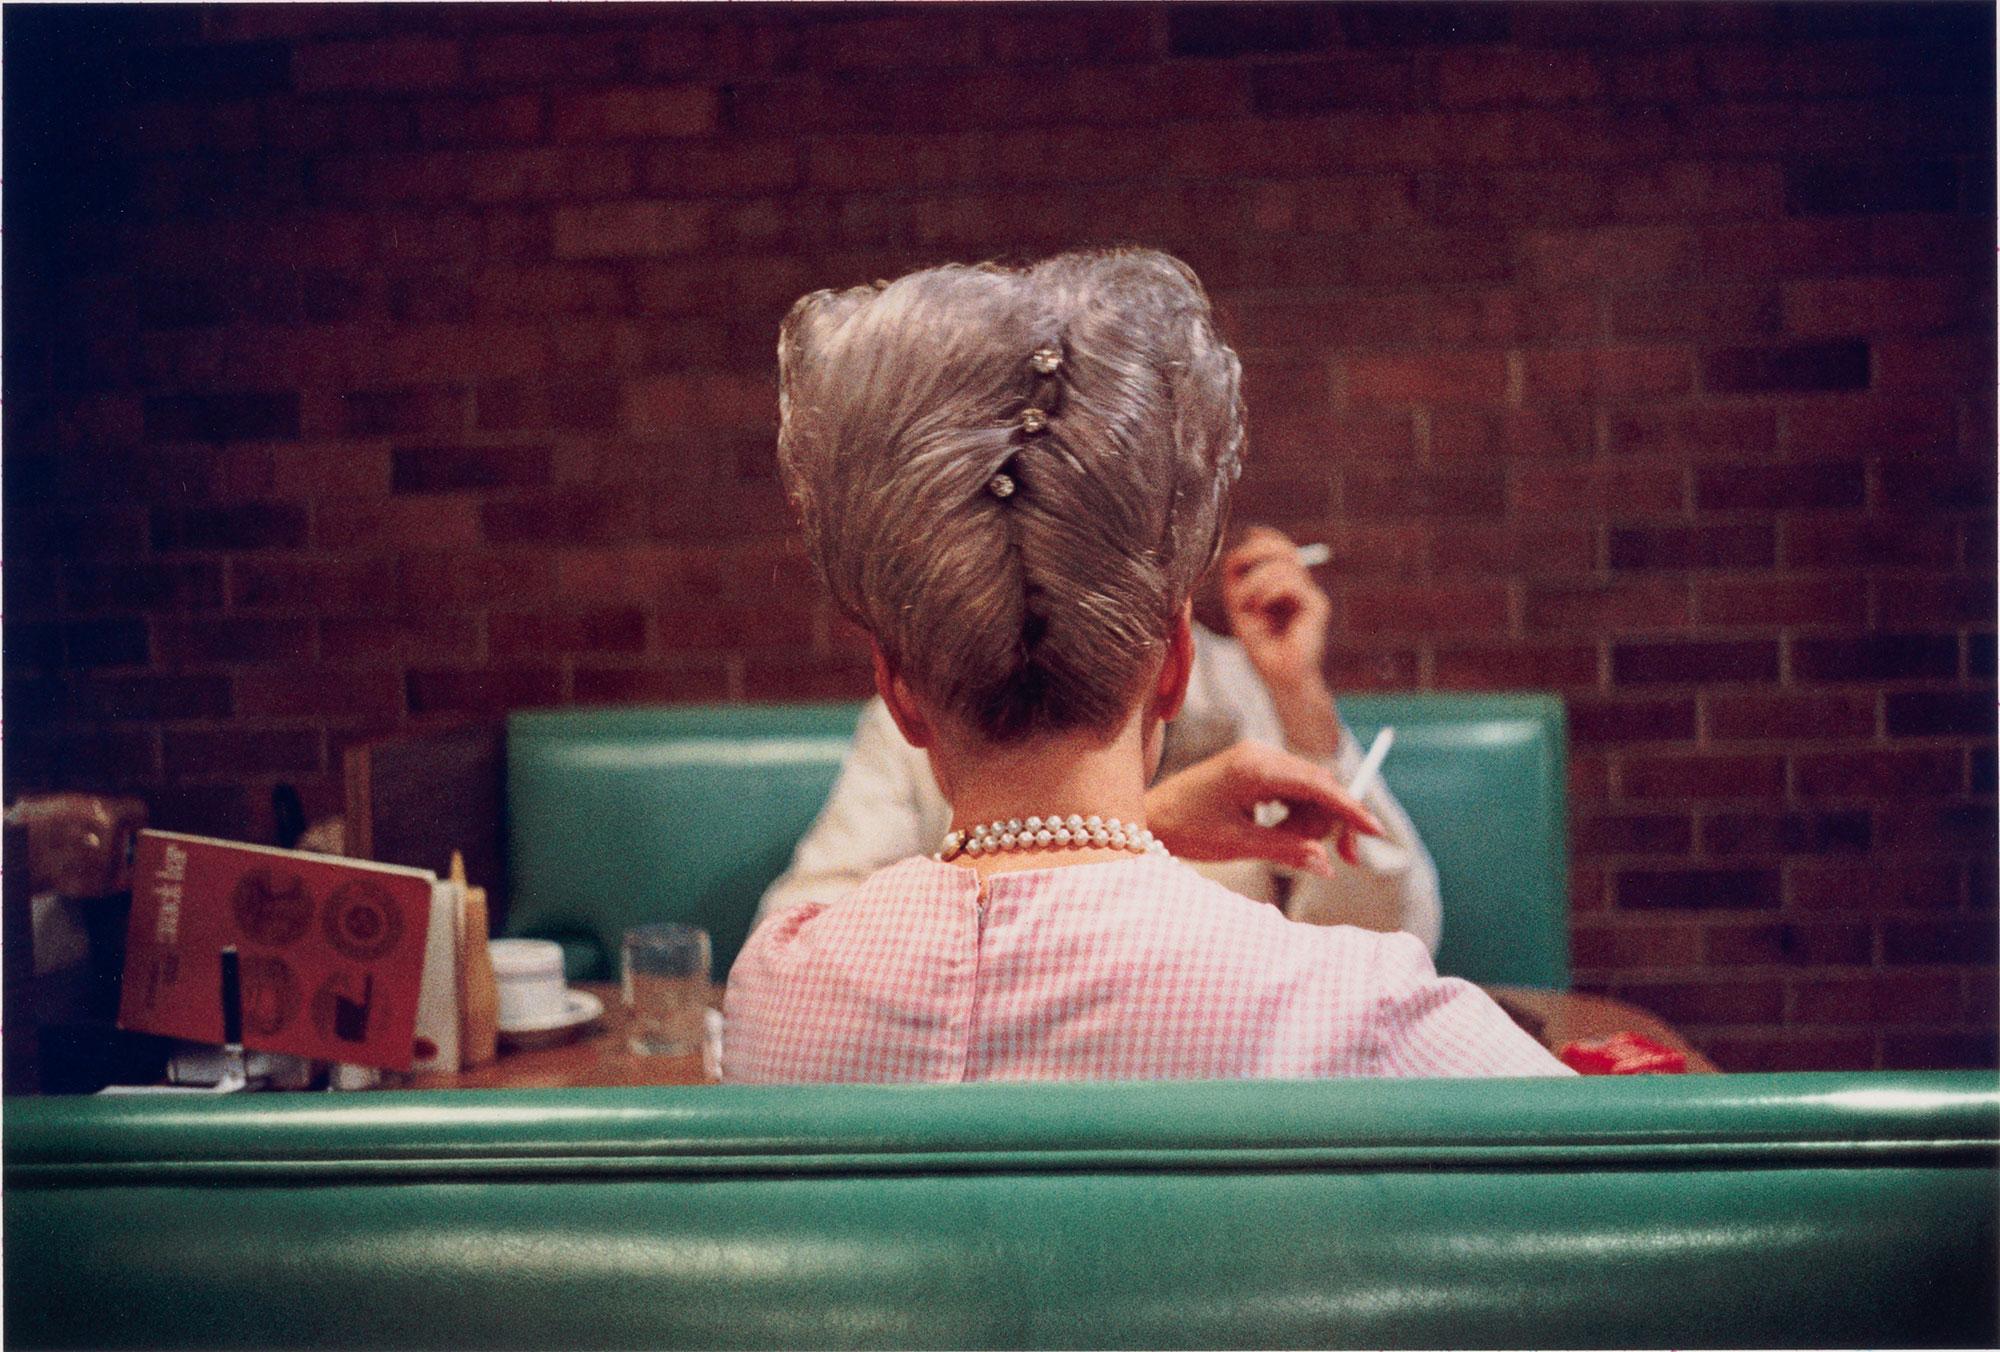 ウィリアム・エグルストン「Los Alamos」展、アメリカのカラー写真がアートになった瞬間 | William Egglston